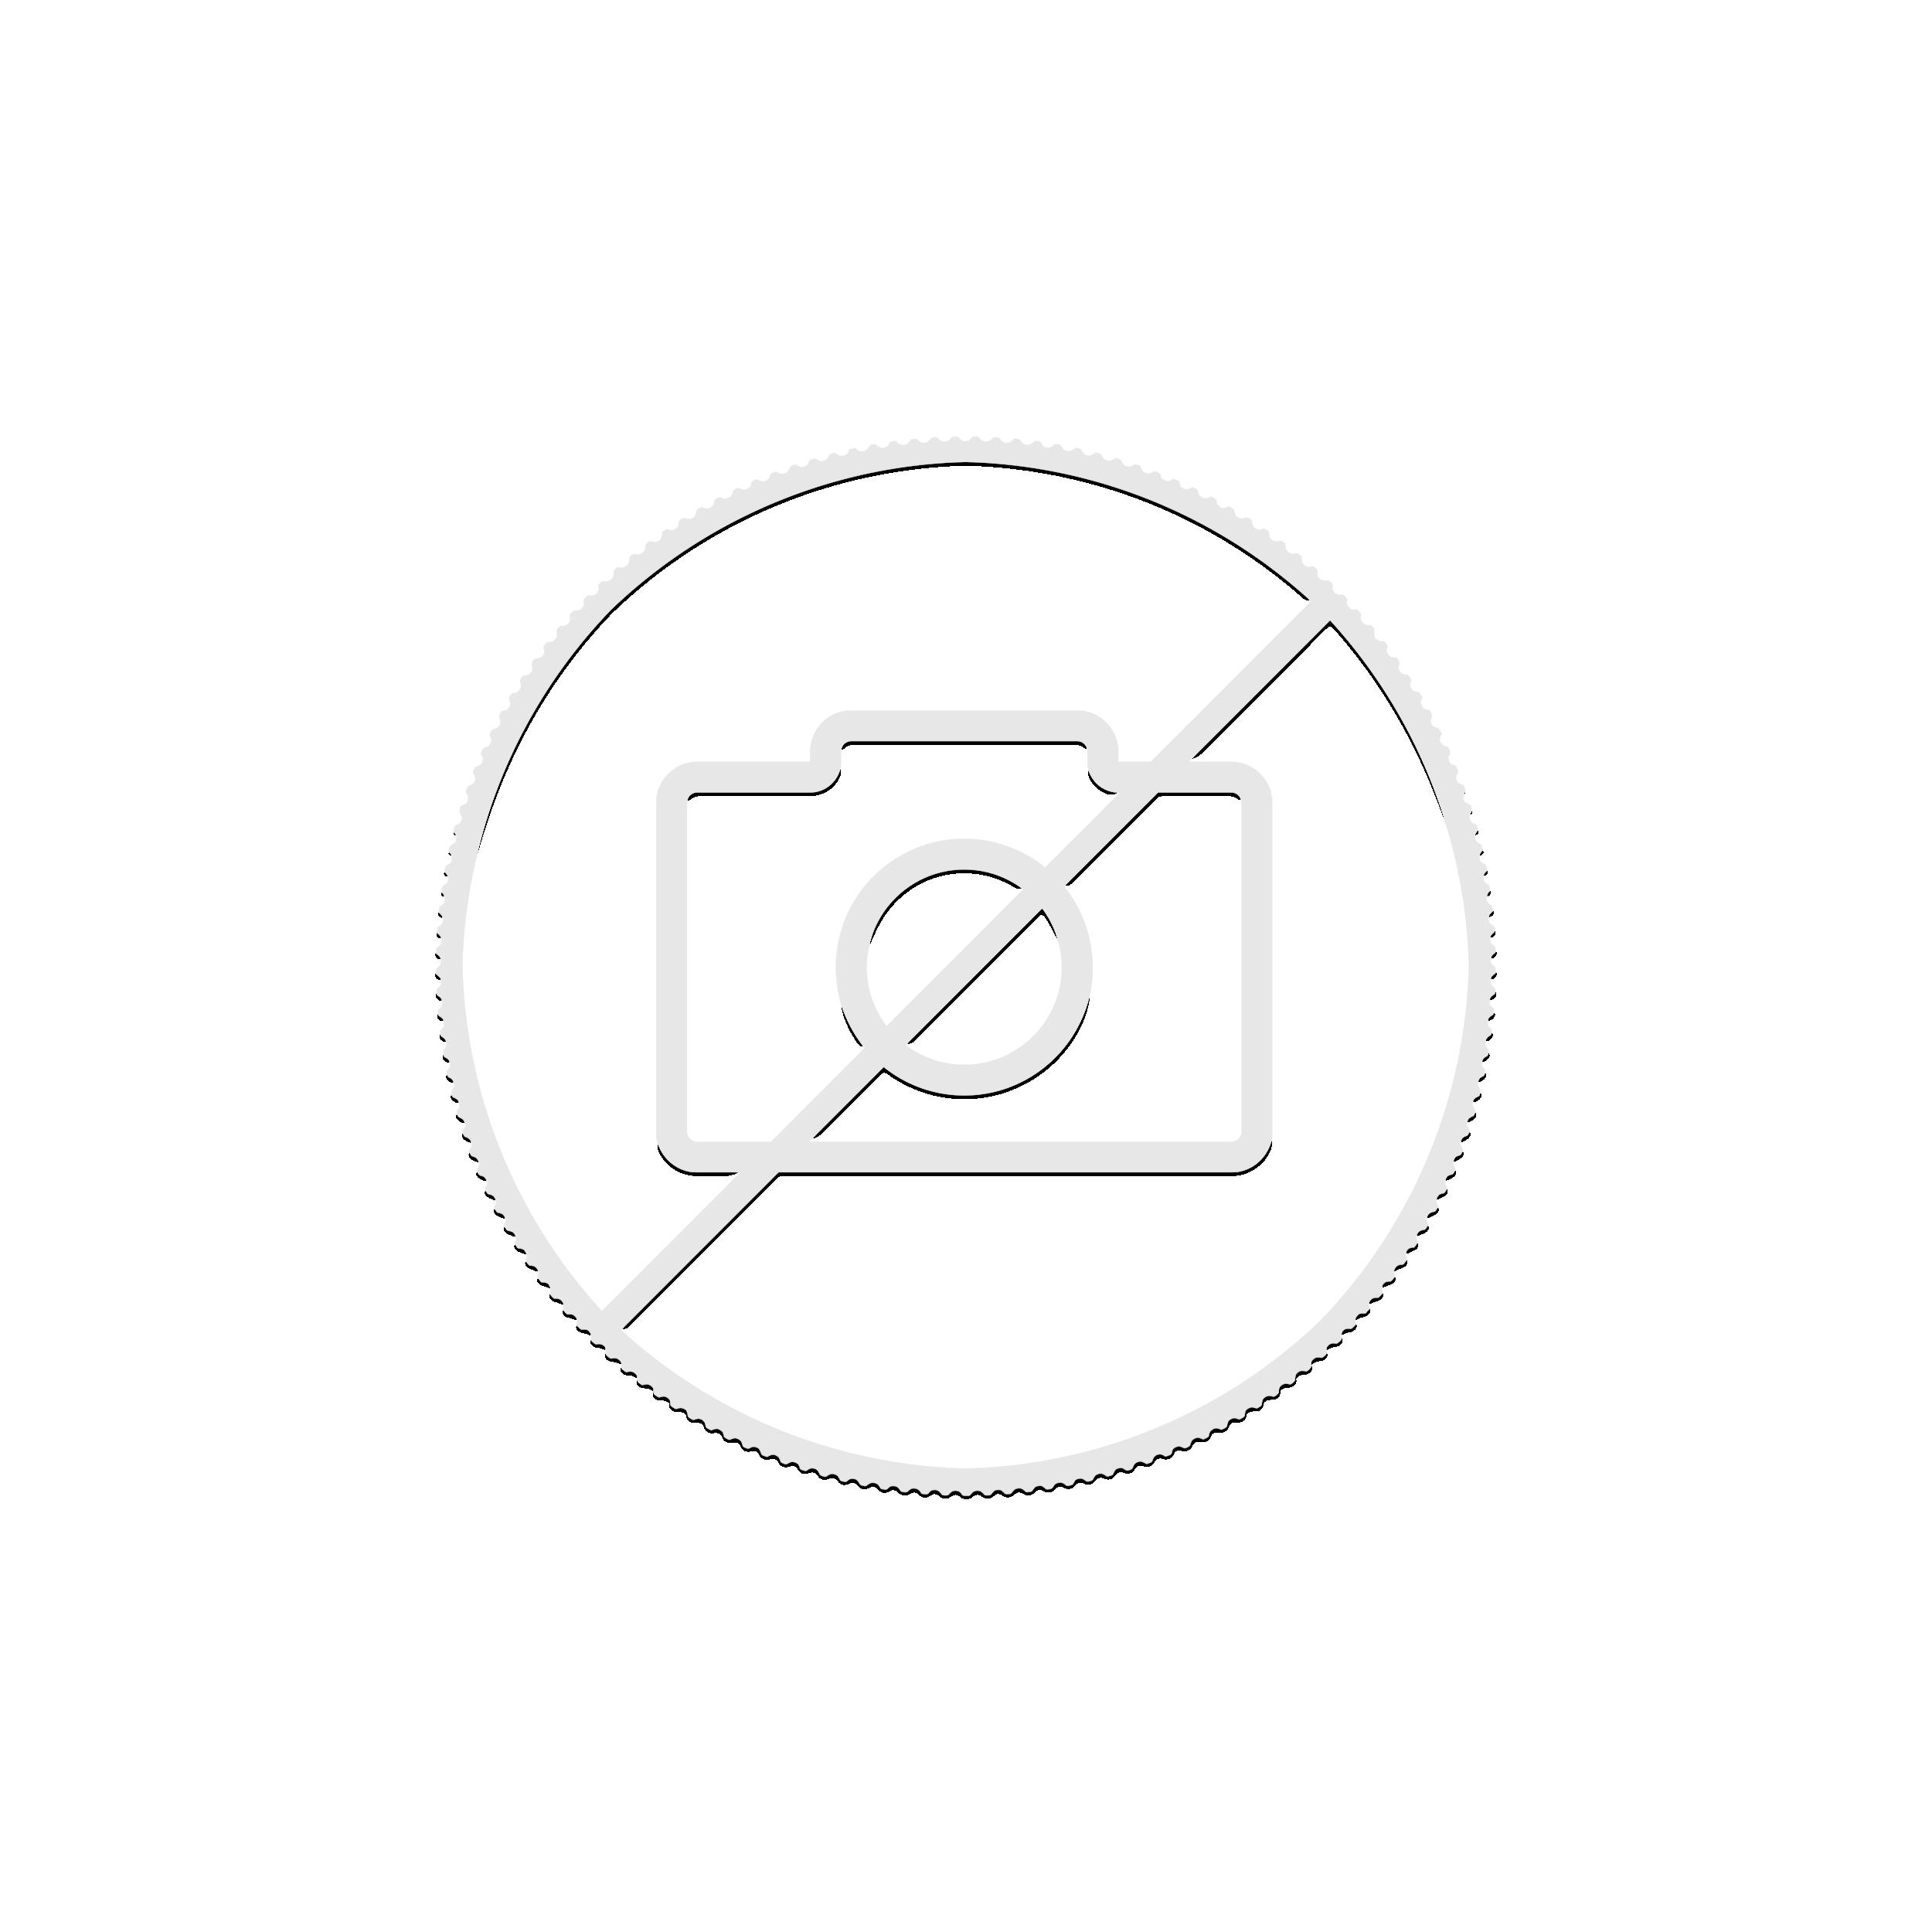 1 Kilo zilveren munt Kookaburra 2021